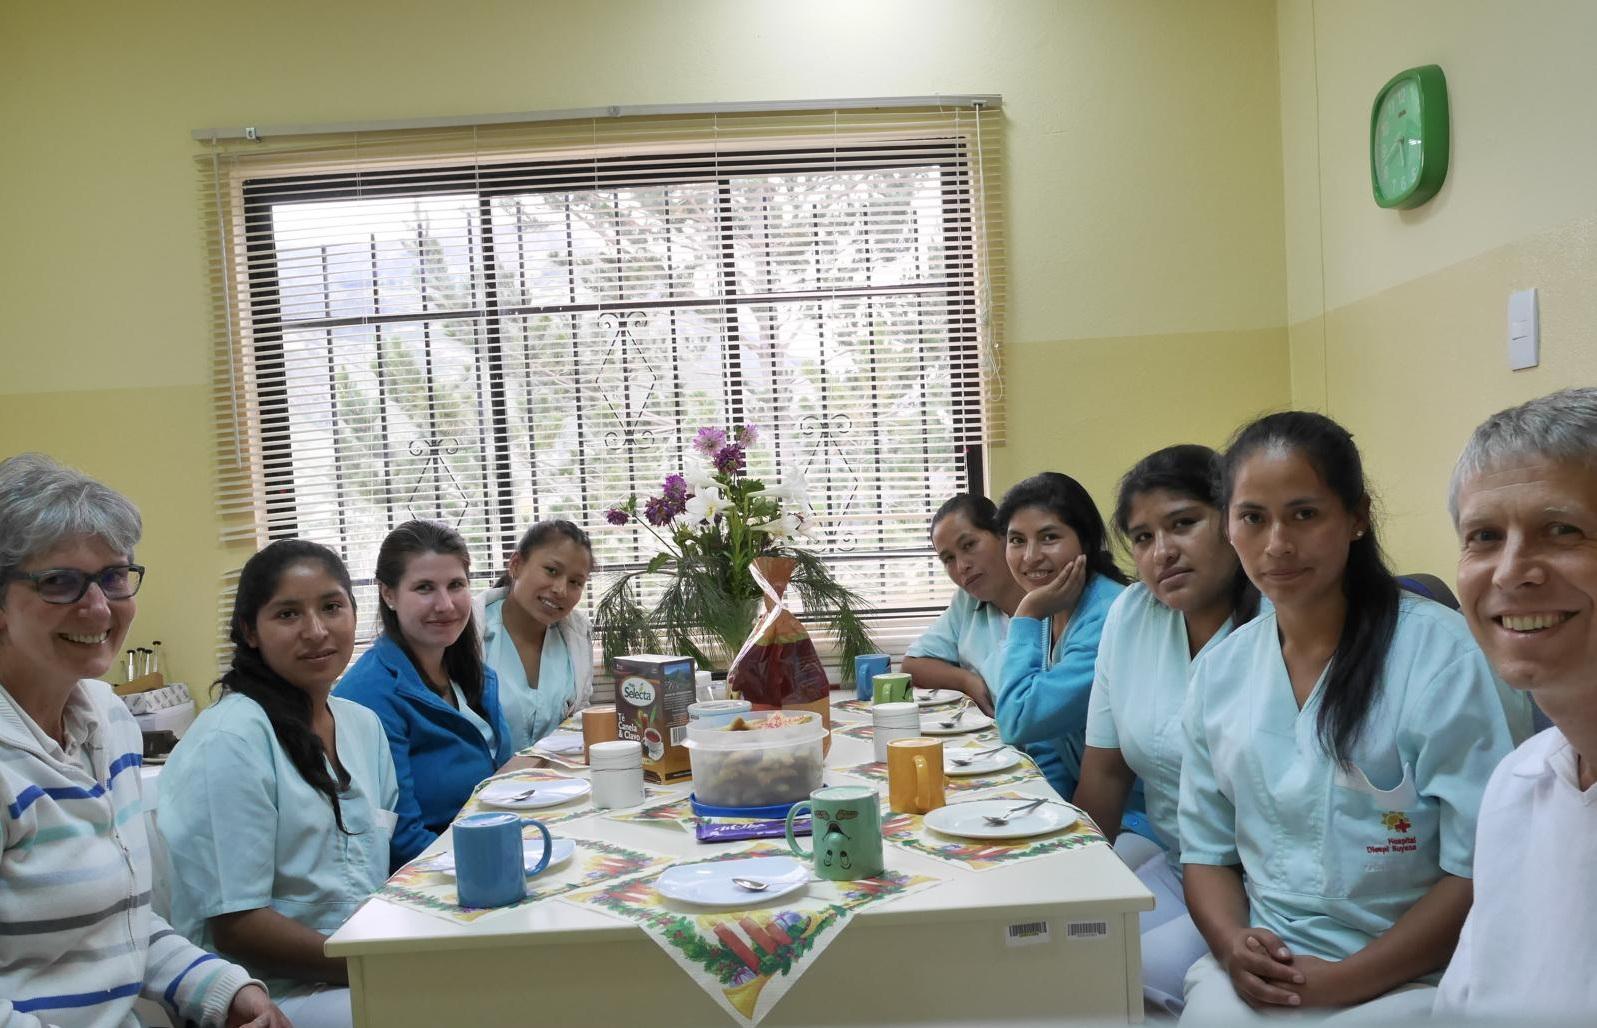 Weihnachtsfeier mit dem Team der Augenklinik.